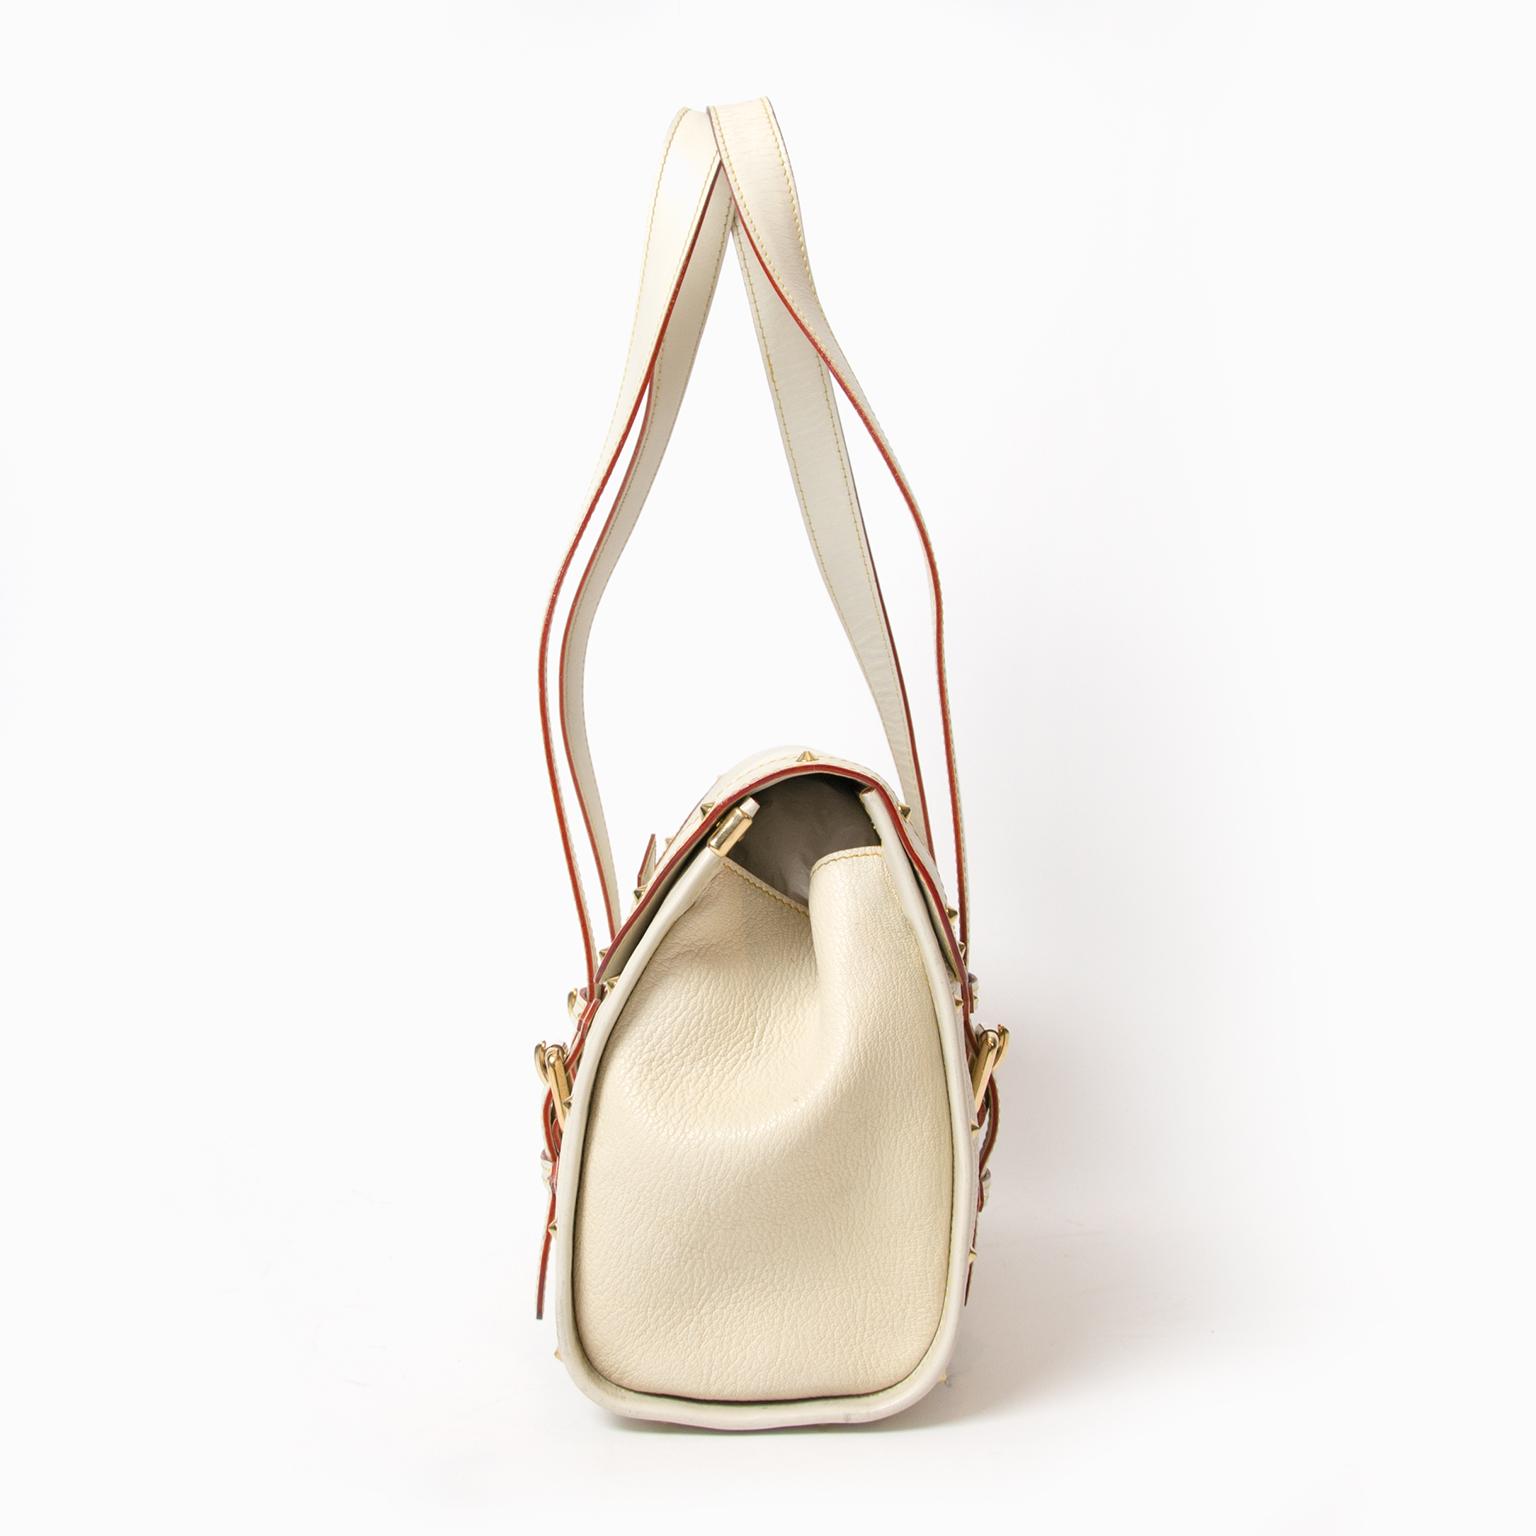 0767f018bc79 Louis Vuitton White Suhali Leather L Epanoui GM Bag acheter en ligne  seconde main Louis Vuitton L Epanoui GM Bag pour le meilleur prix